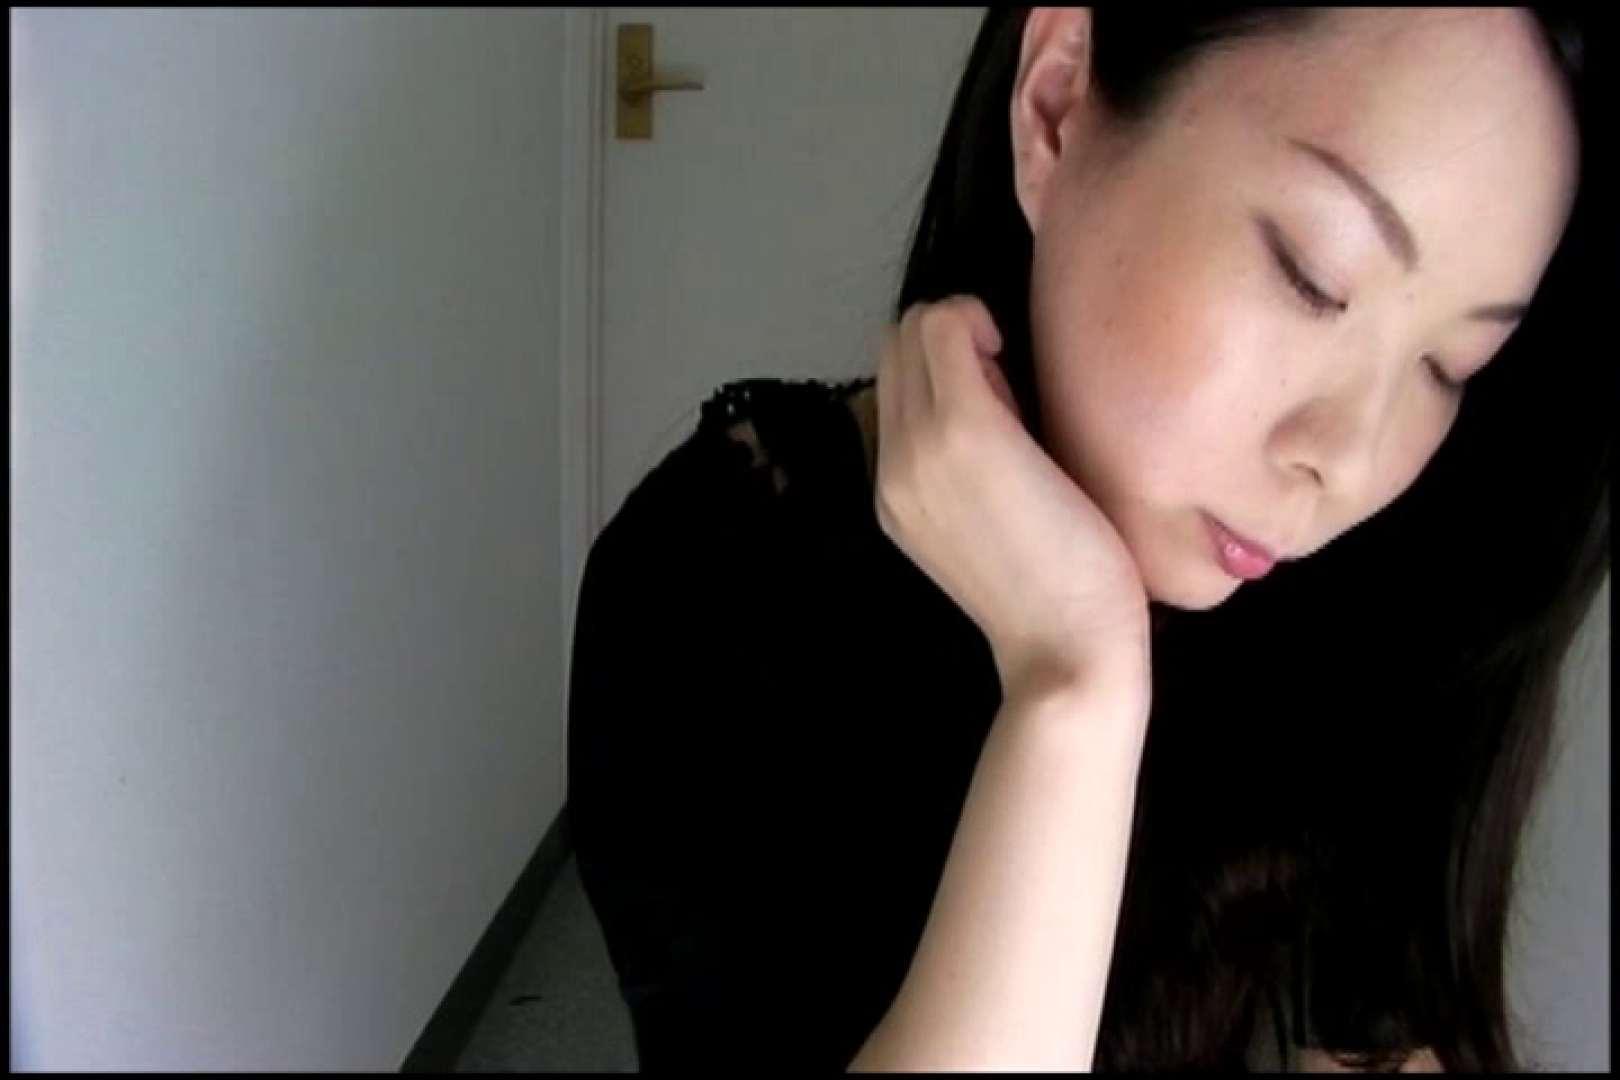 和式にまたがる女たちを待ちうけるカメラの衝撃映像vol.02 接写 | 和式  83画像 79